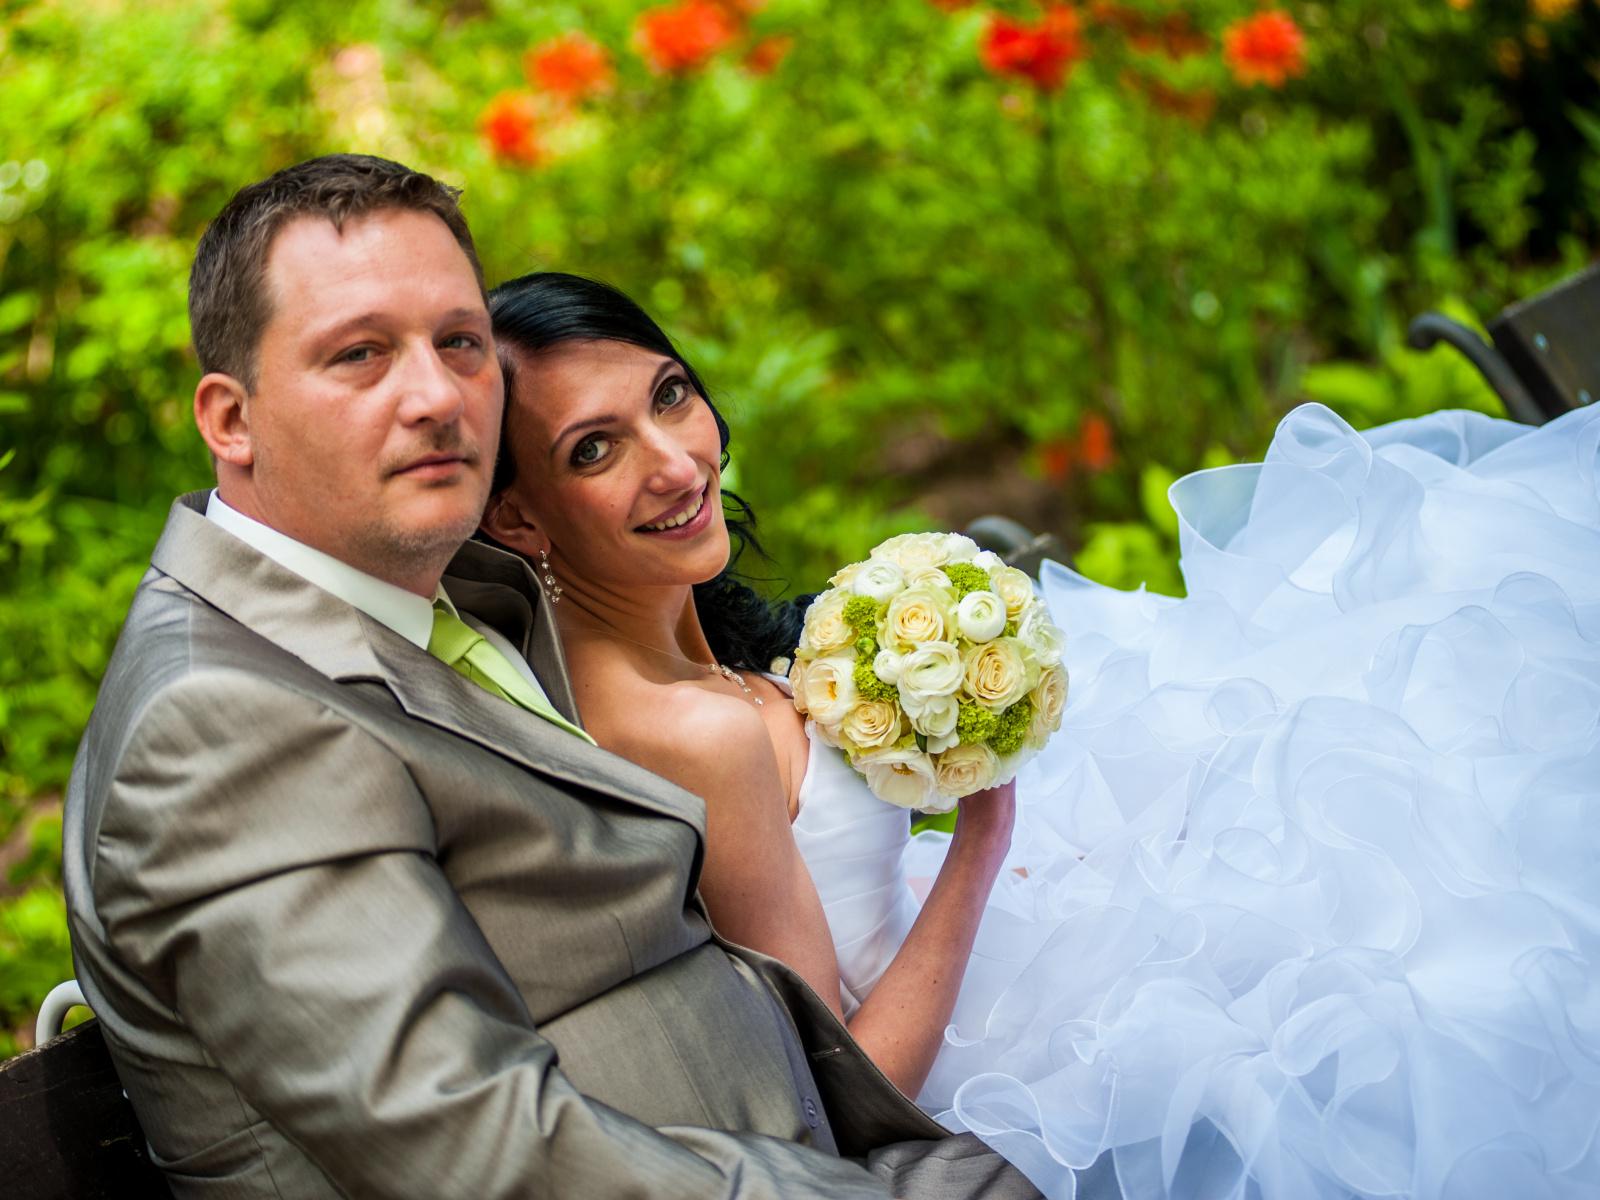 Focení svatby a svateb